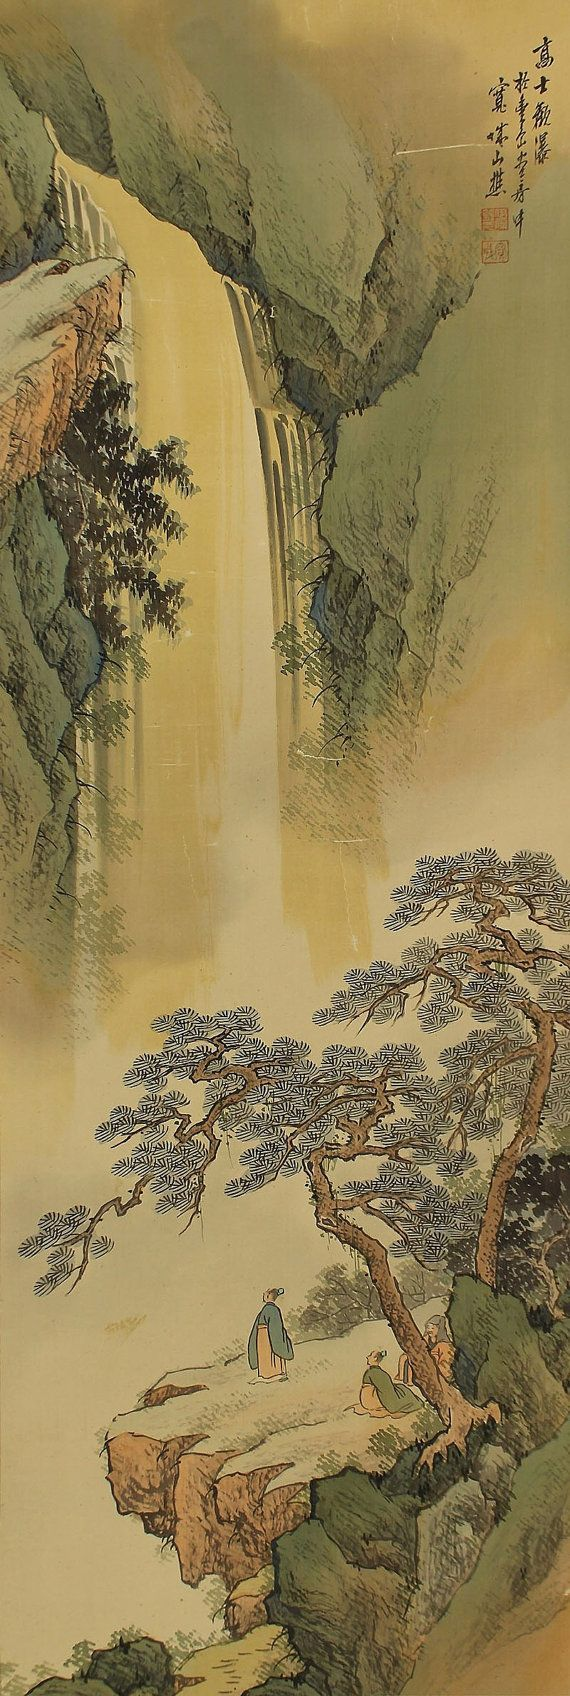 Landscape. Scholars Enjoying Waterfall. Japanese hanging scroll, Kakejiku.